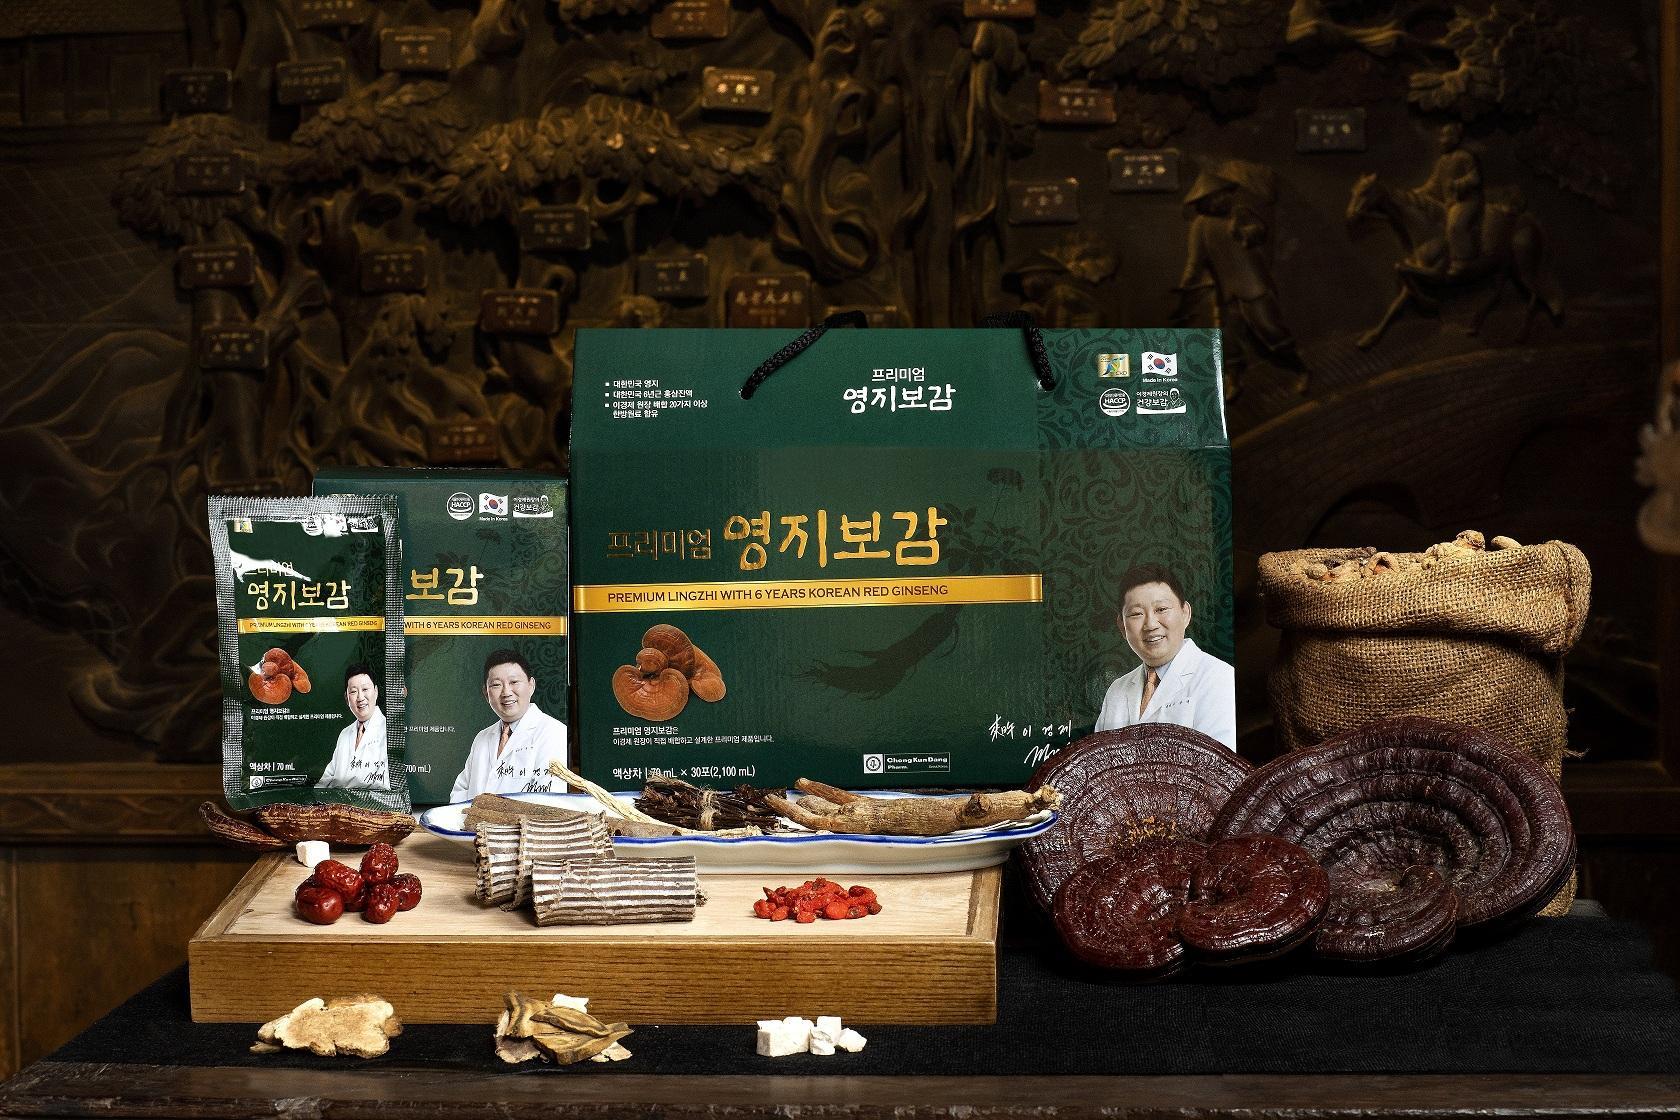 Chiết Xuất Linh Chi và Hồng Sâm Hàn Quốc 6 Năm Tuổi nhập khẩu